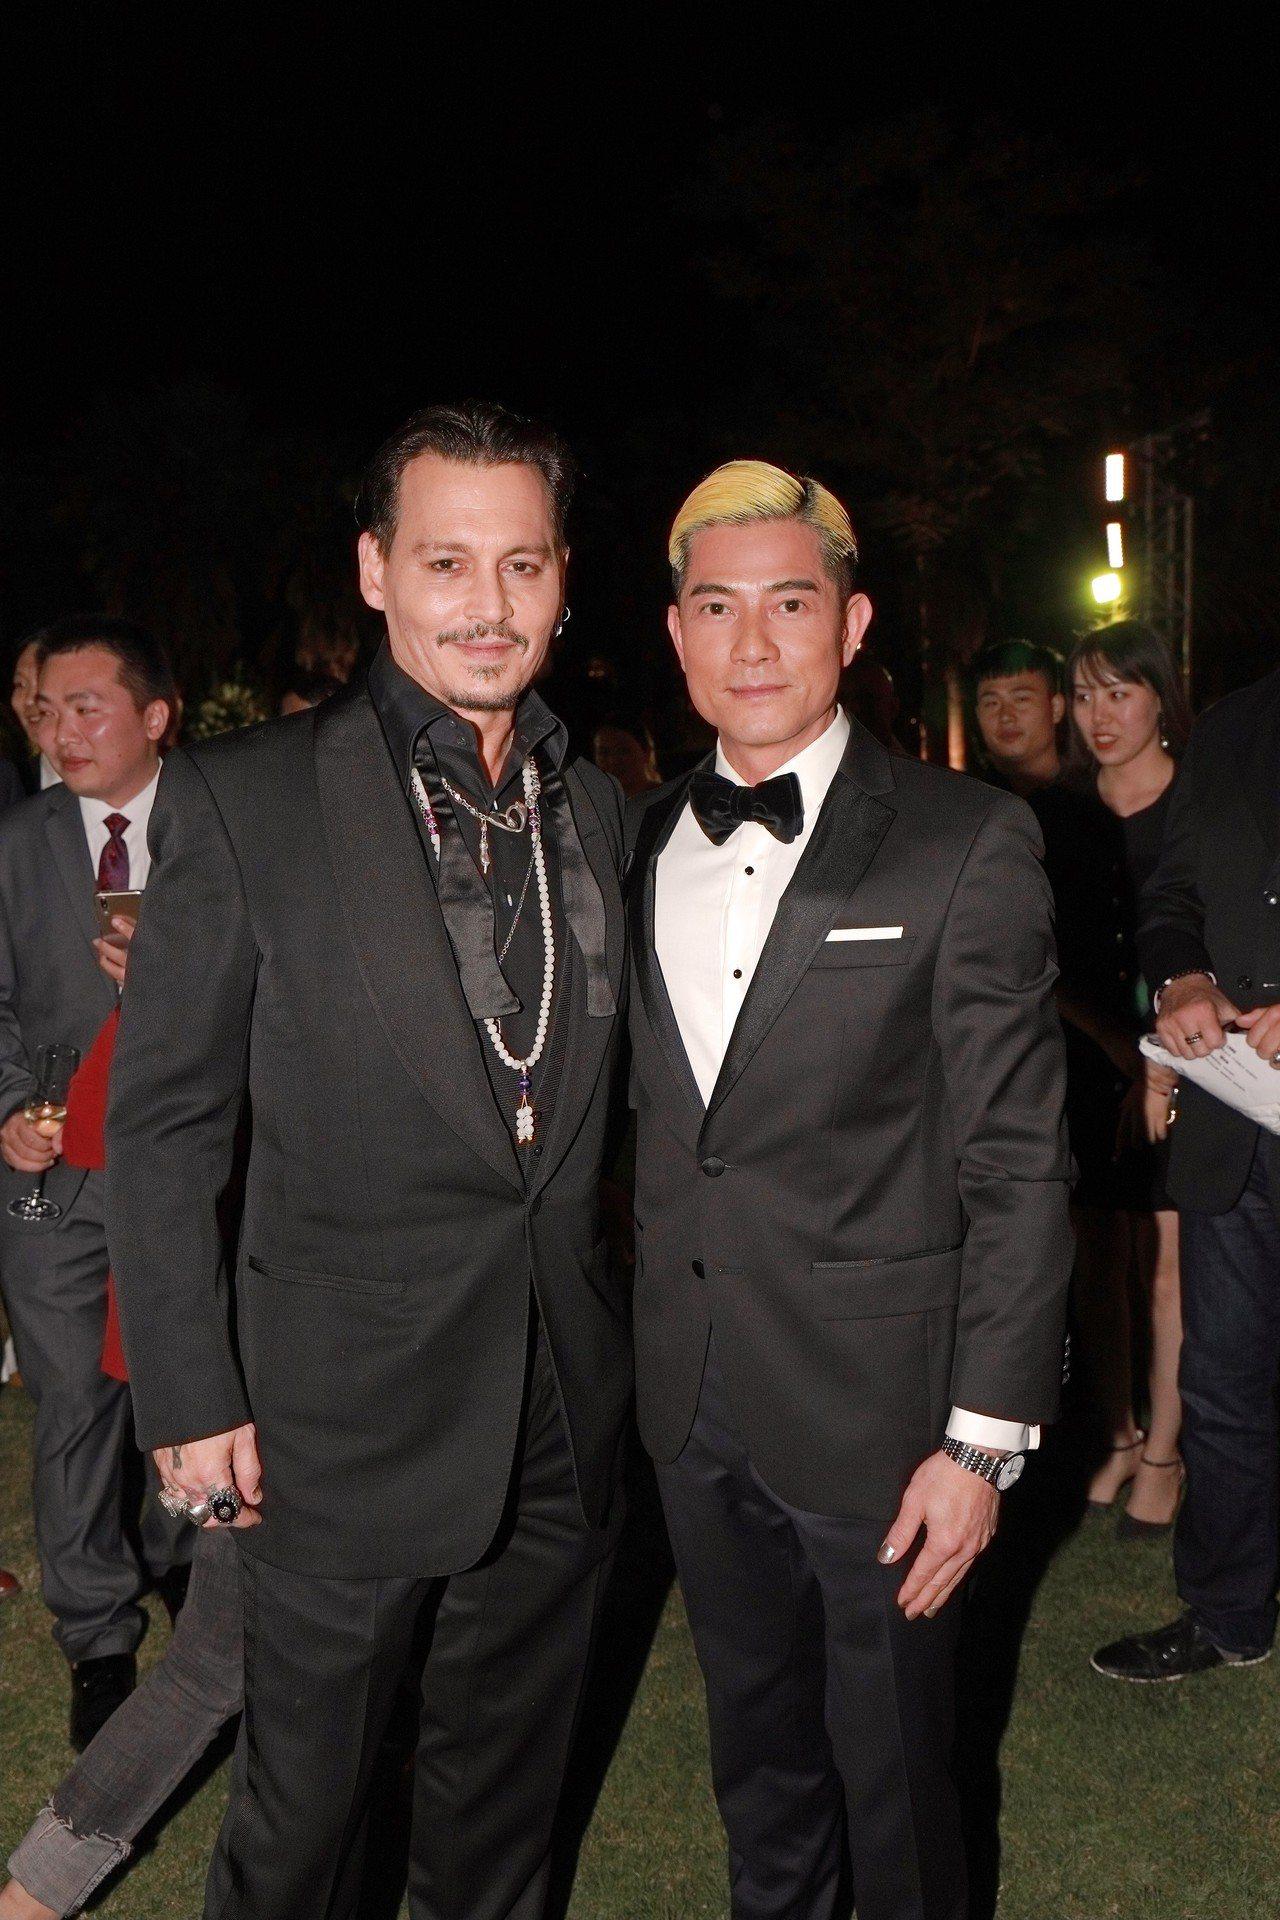 郭富城(右)見到自己的偶像強尼戴普,也變身成小影迷,心情激動。圖/Hugo Bo...